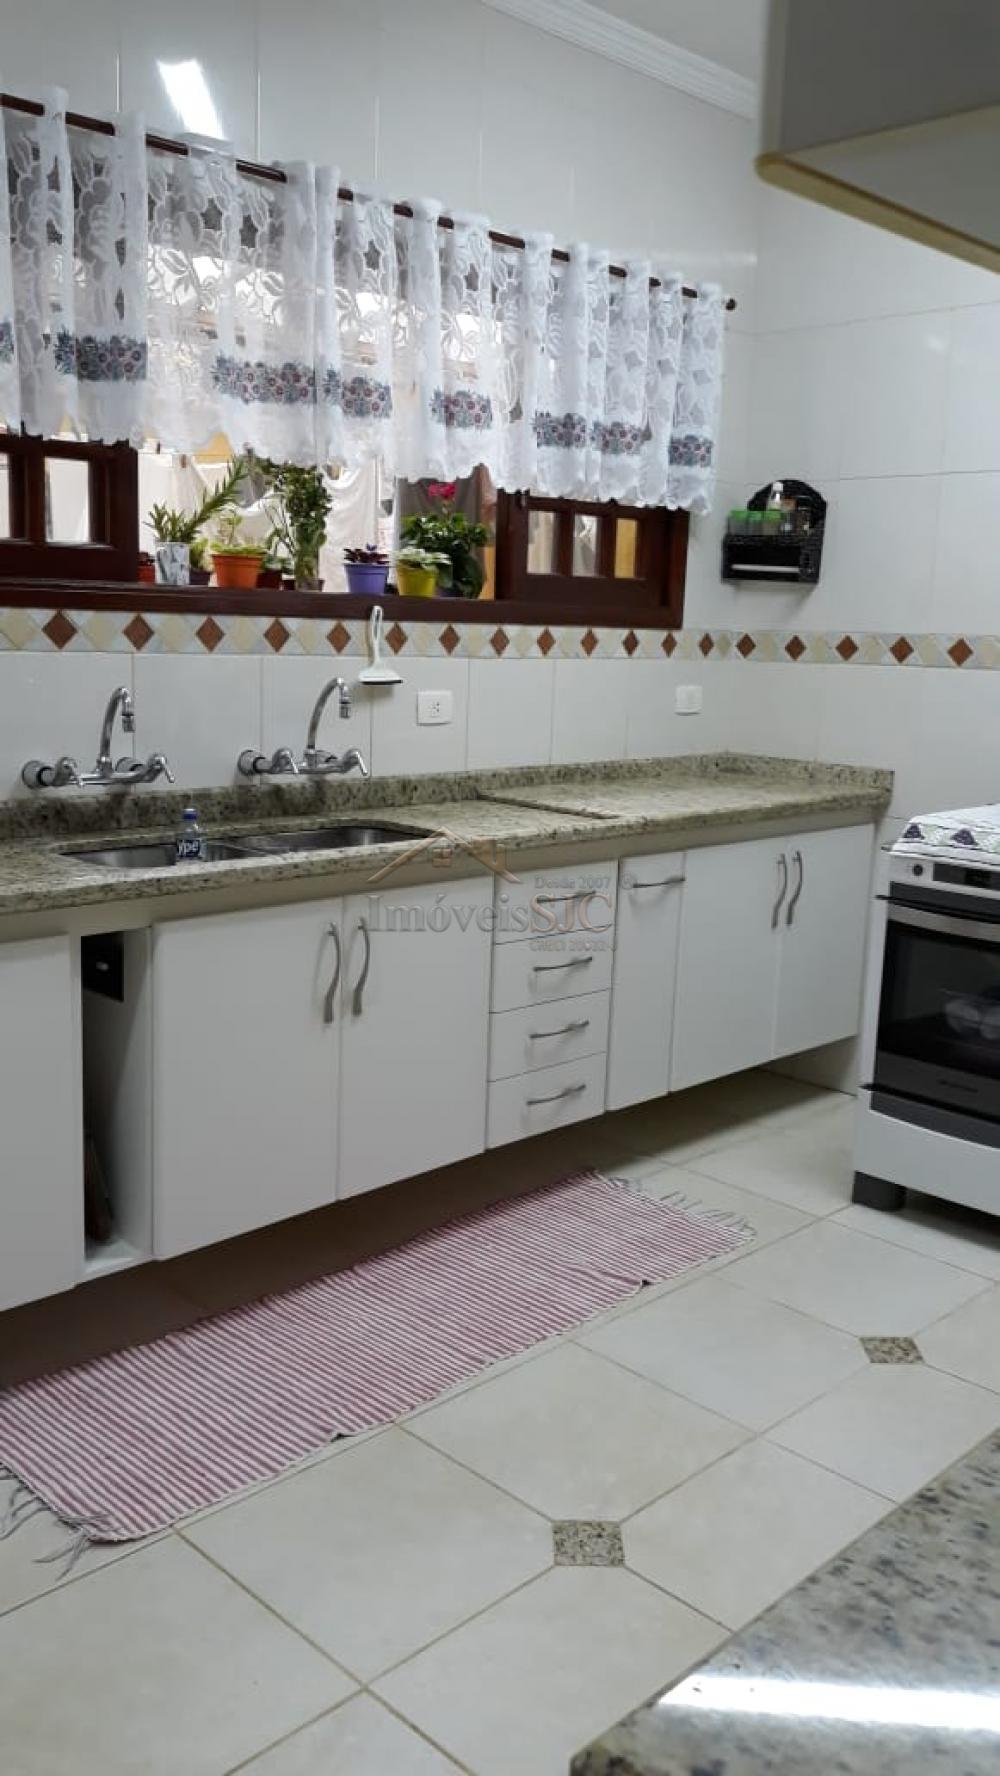 Comprar Casas / Condomínio em São José dos Campos apenas R$ 890.000,00 - Foto 10